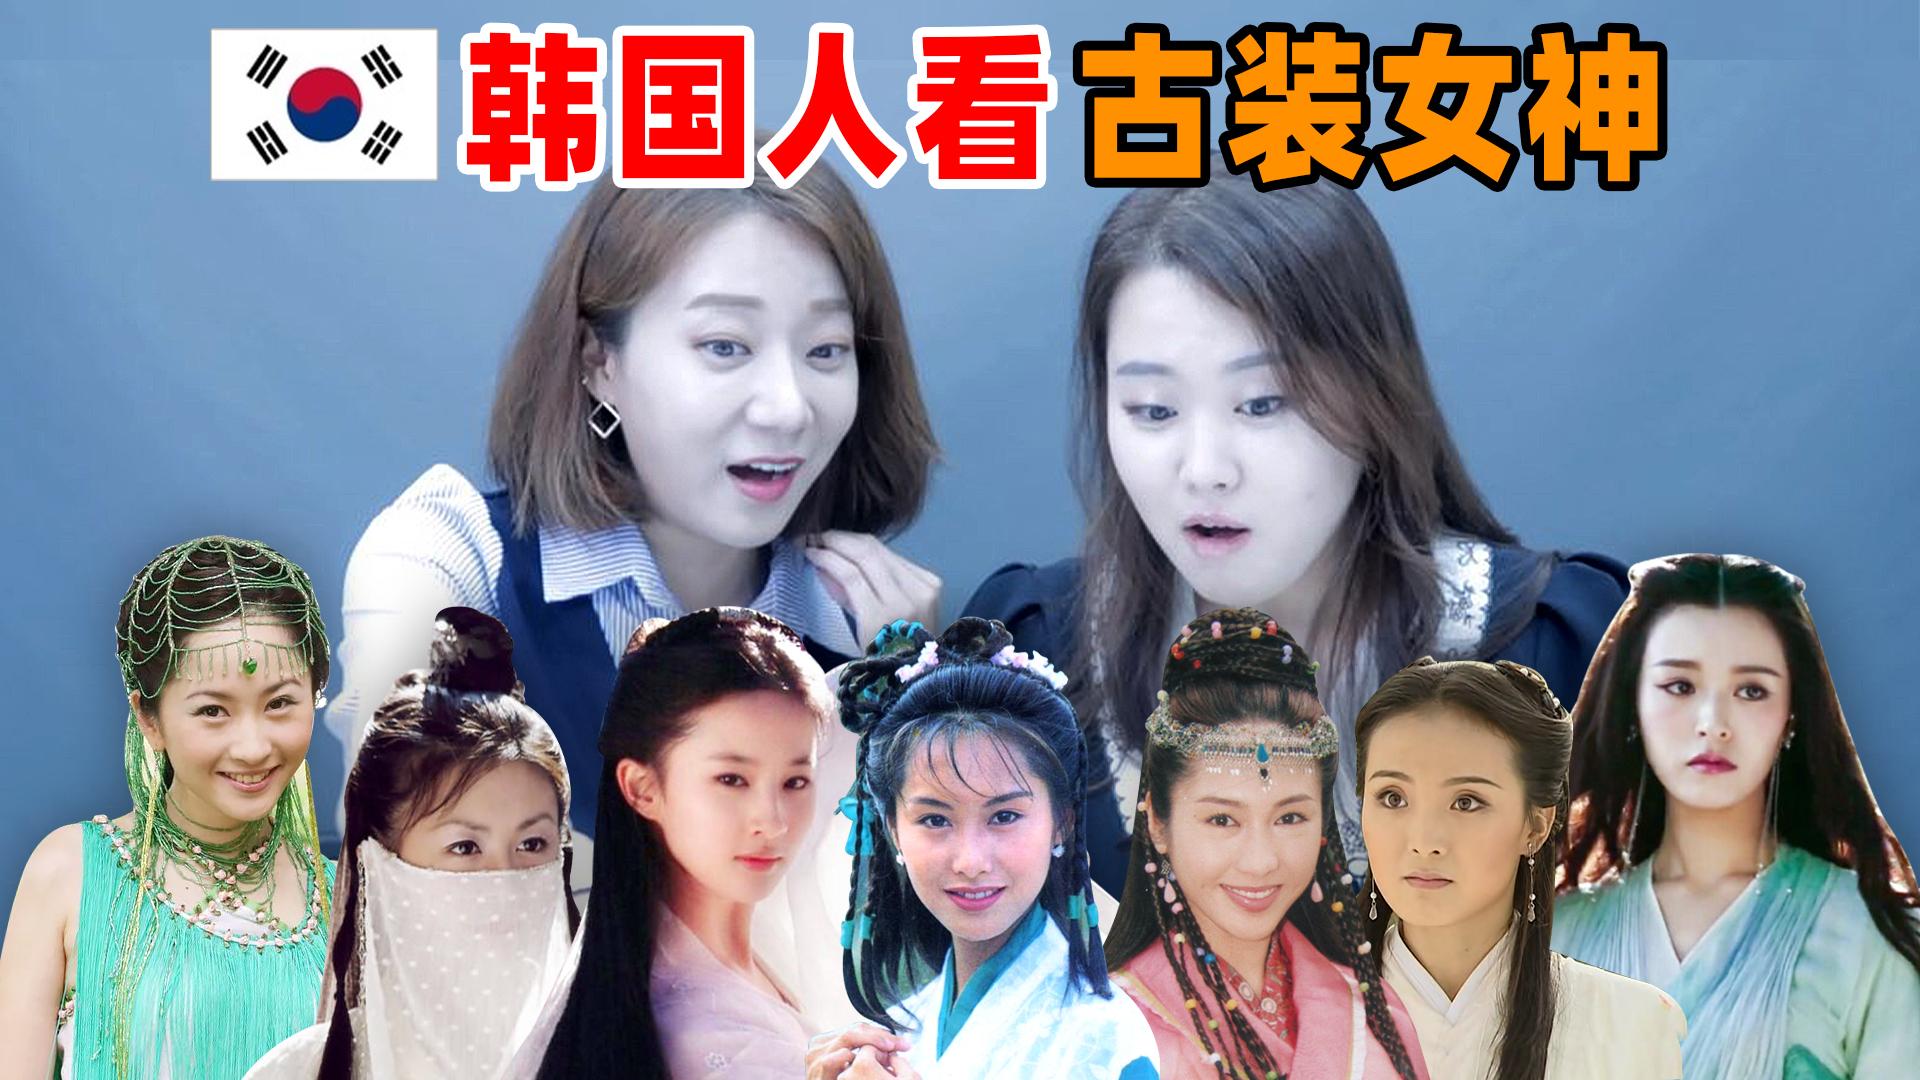 那些惊艳了时光的古装女神,被韩国人发现后果断陷入了汉服魅力!